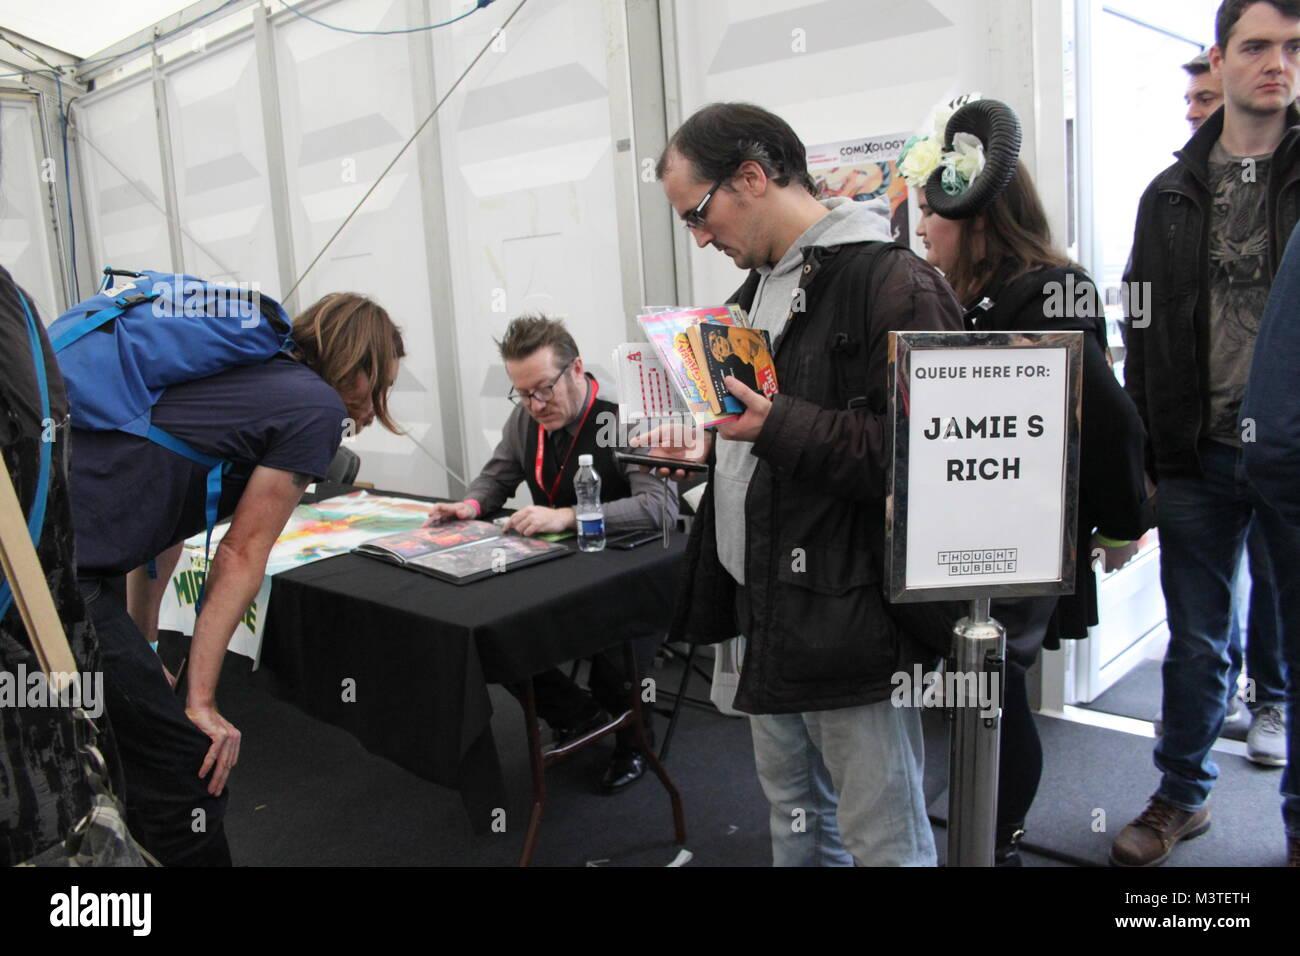 23 de septiembre de 2017, el pensamiento de burbuja Festival de Arte secuencial y Convención de cómic, Leeds, Reino Unido. Expositores tienda cola para el invitado especial, James s ricos. Foto de stock